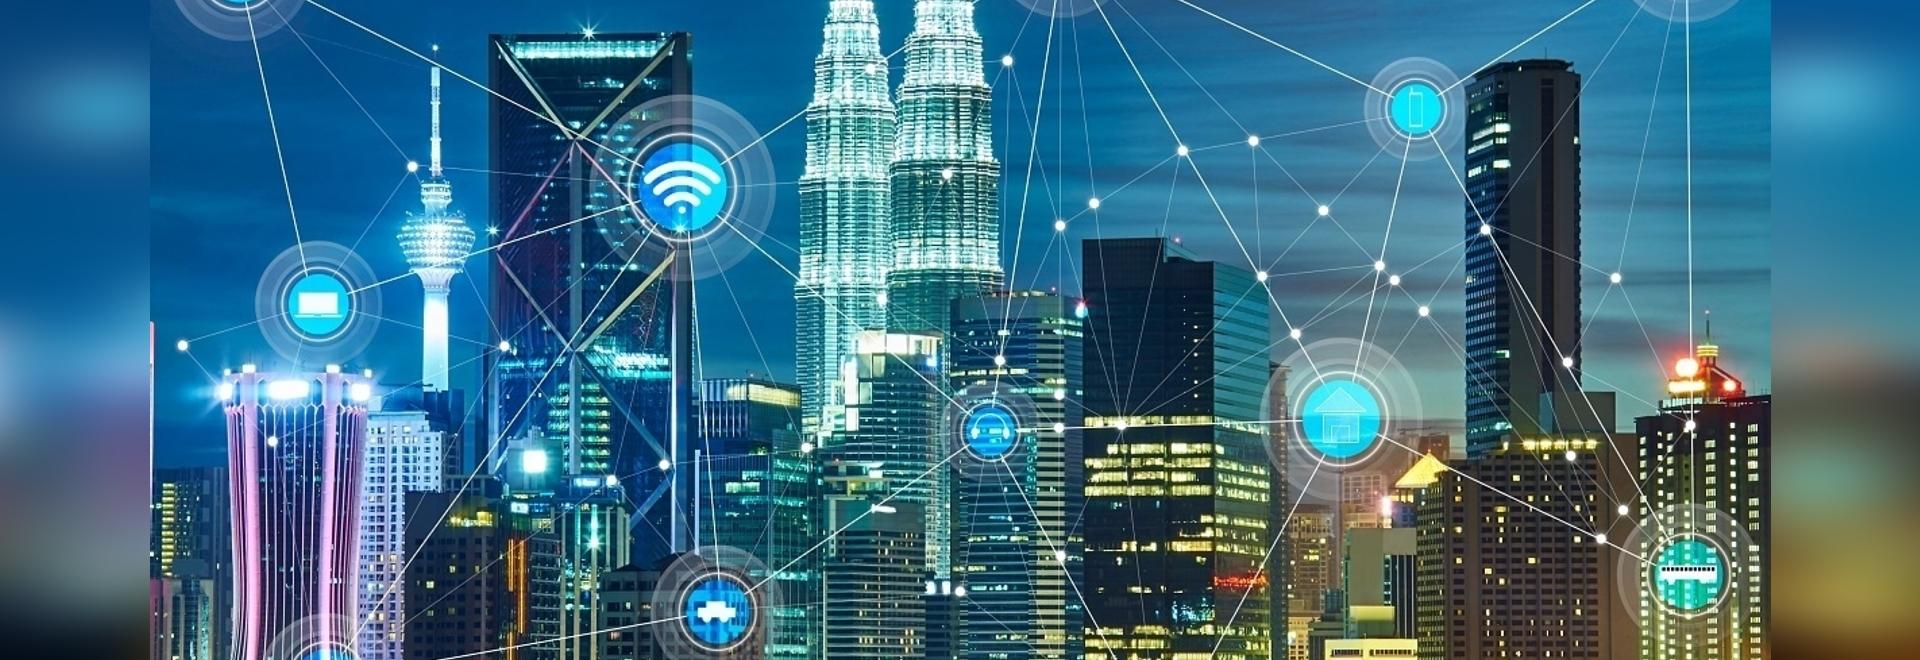 Ciudades inteligentes y construcción digital, un enfoque holístico